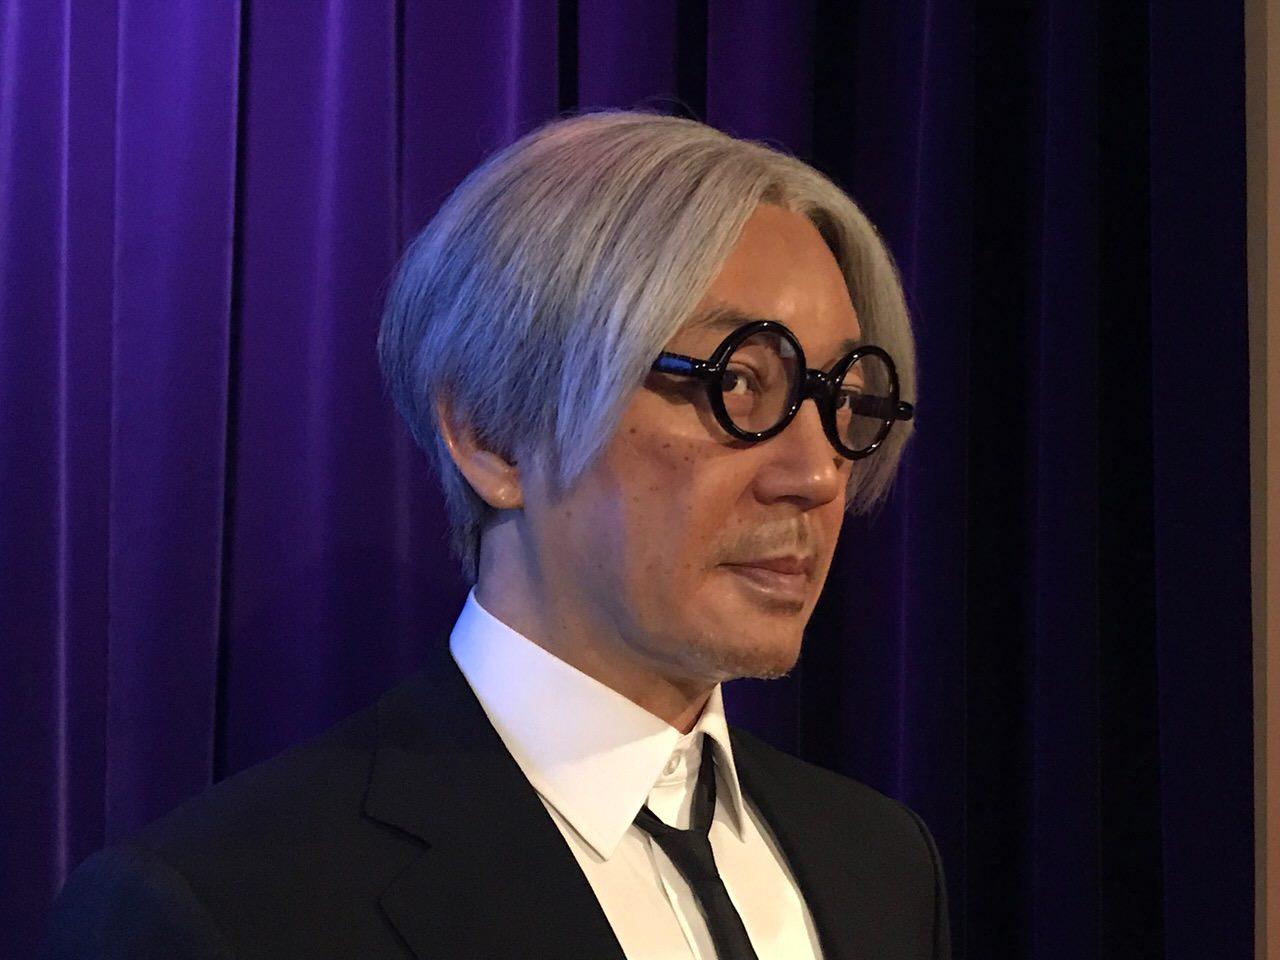 Imawano kiyoshiro madametussauds 467